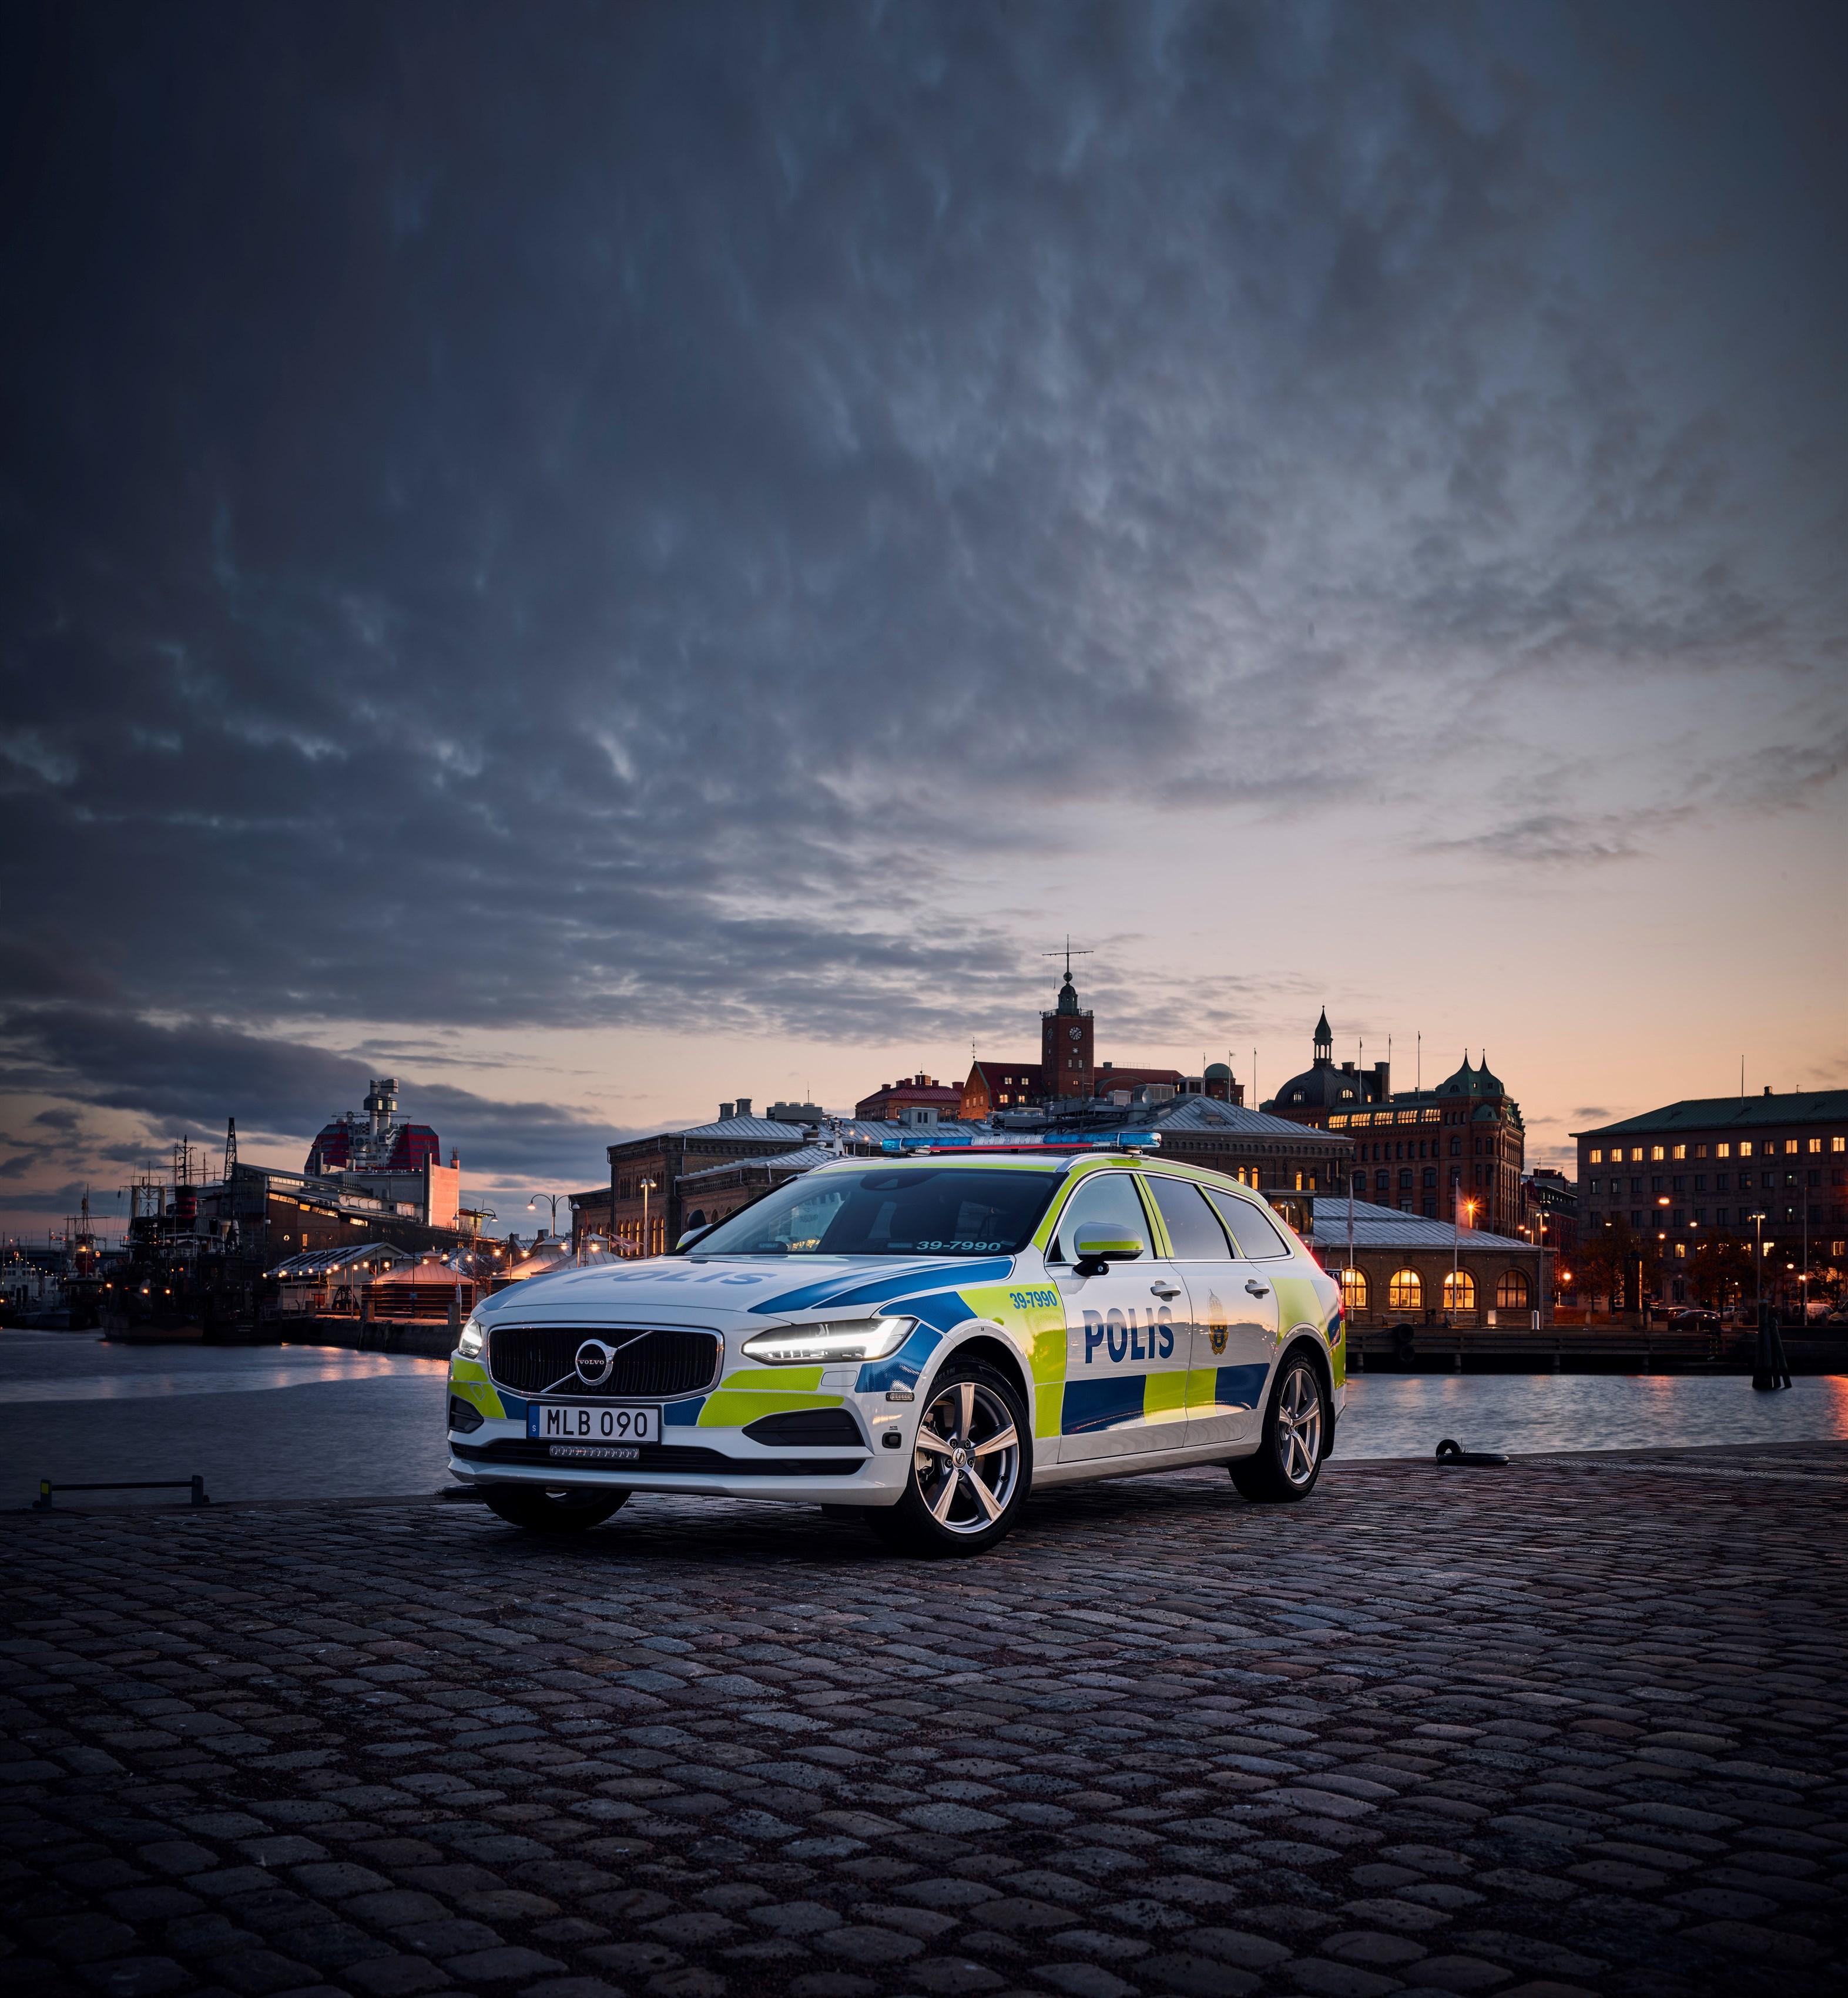 201331_volvo_v90_as_a_police_car.jpg